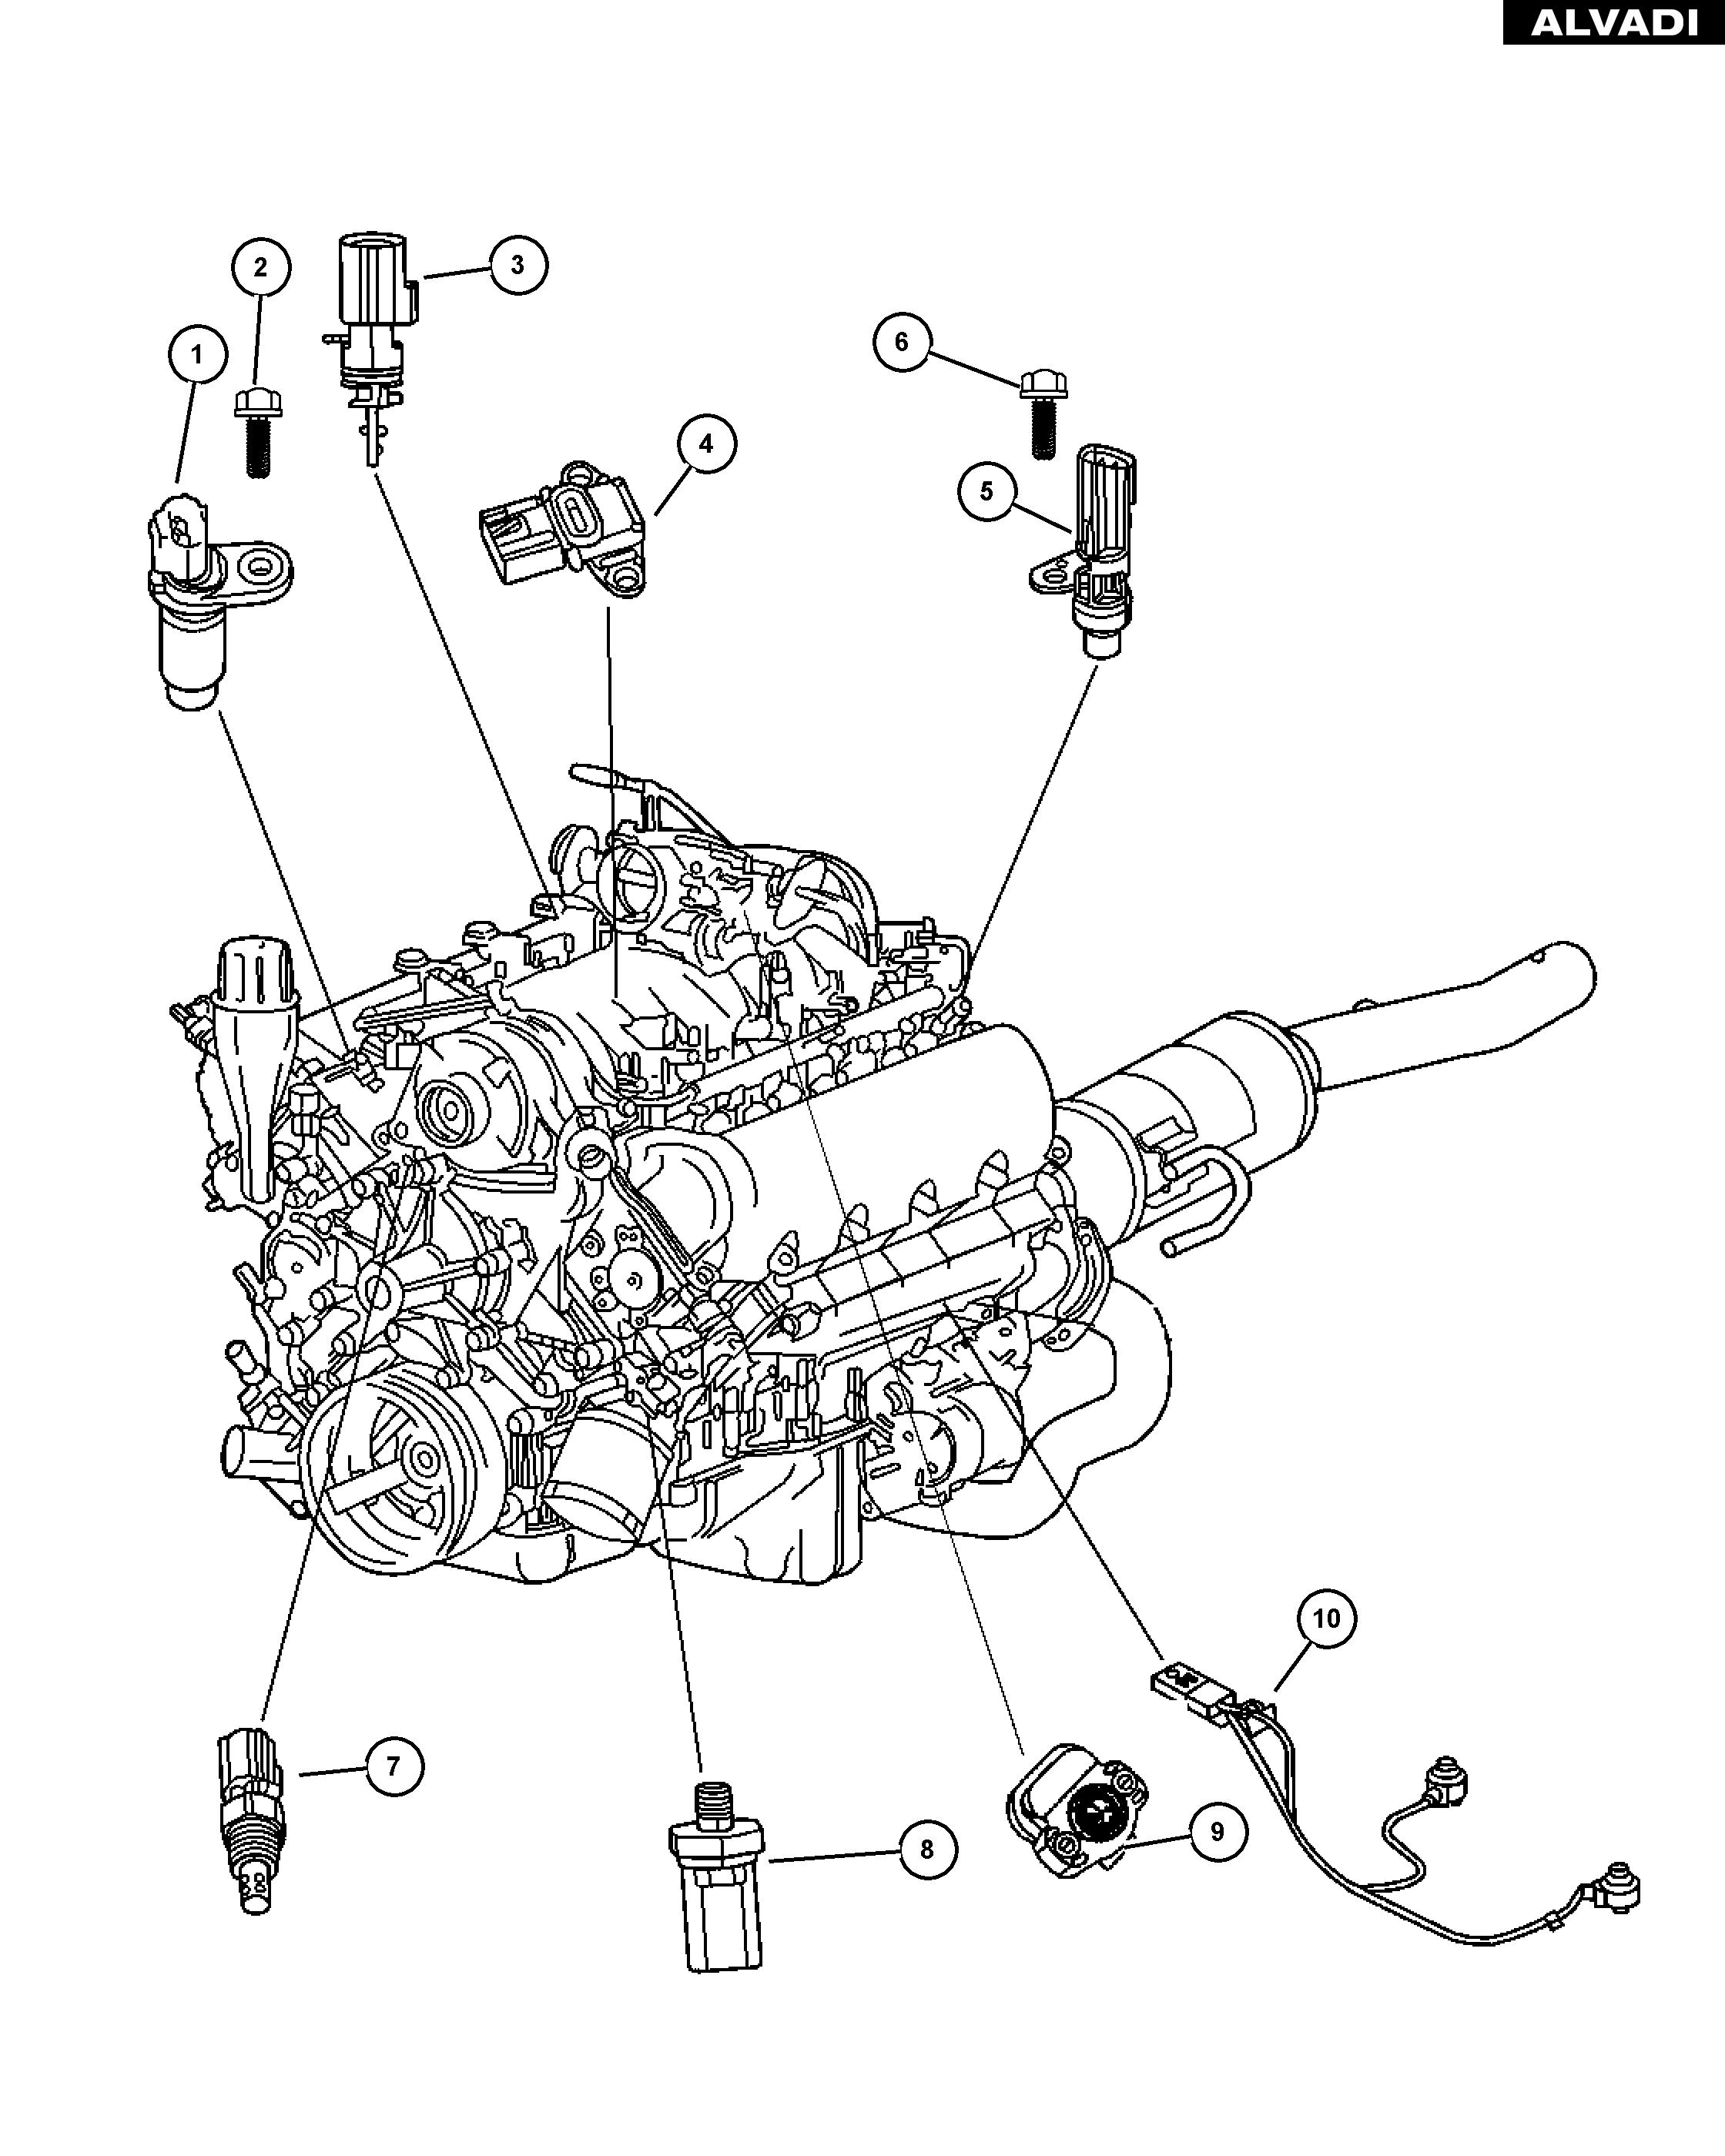 kia sorento d4cb engine wiring diagrams dodge 3 7 engine diagram wiring diagram e6  dodge 3 7 engine diagram wiring